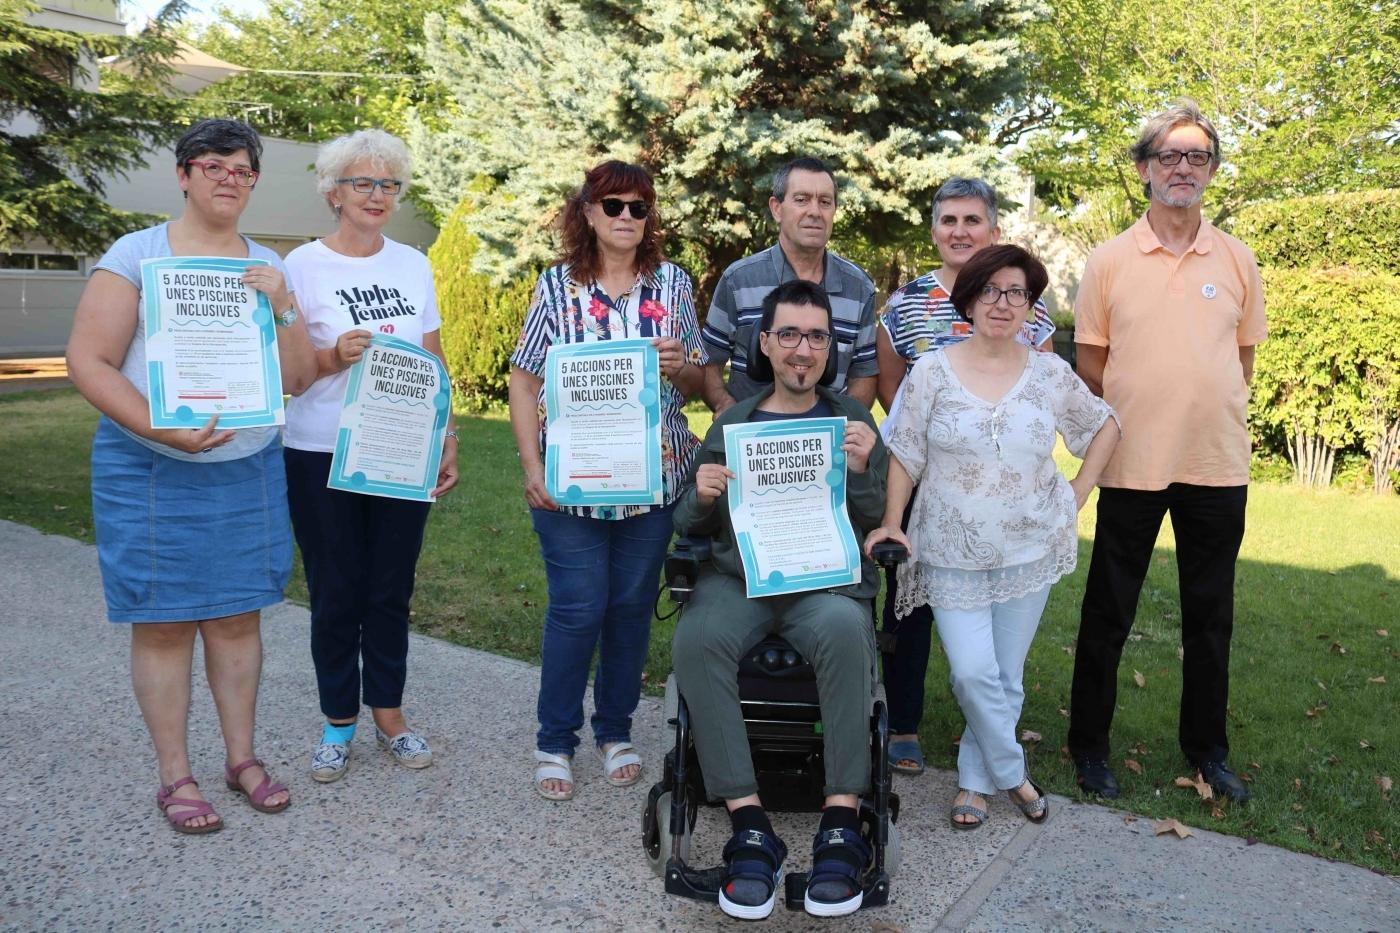 Famílies del Grup Alba impulsen una campanya per millorar l'accessibilitat de les persones amb discapacitat a les piscines de l'Urgell, Segarra i Pallars Jussà